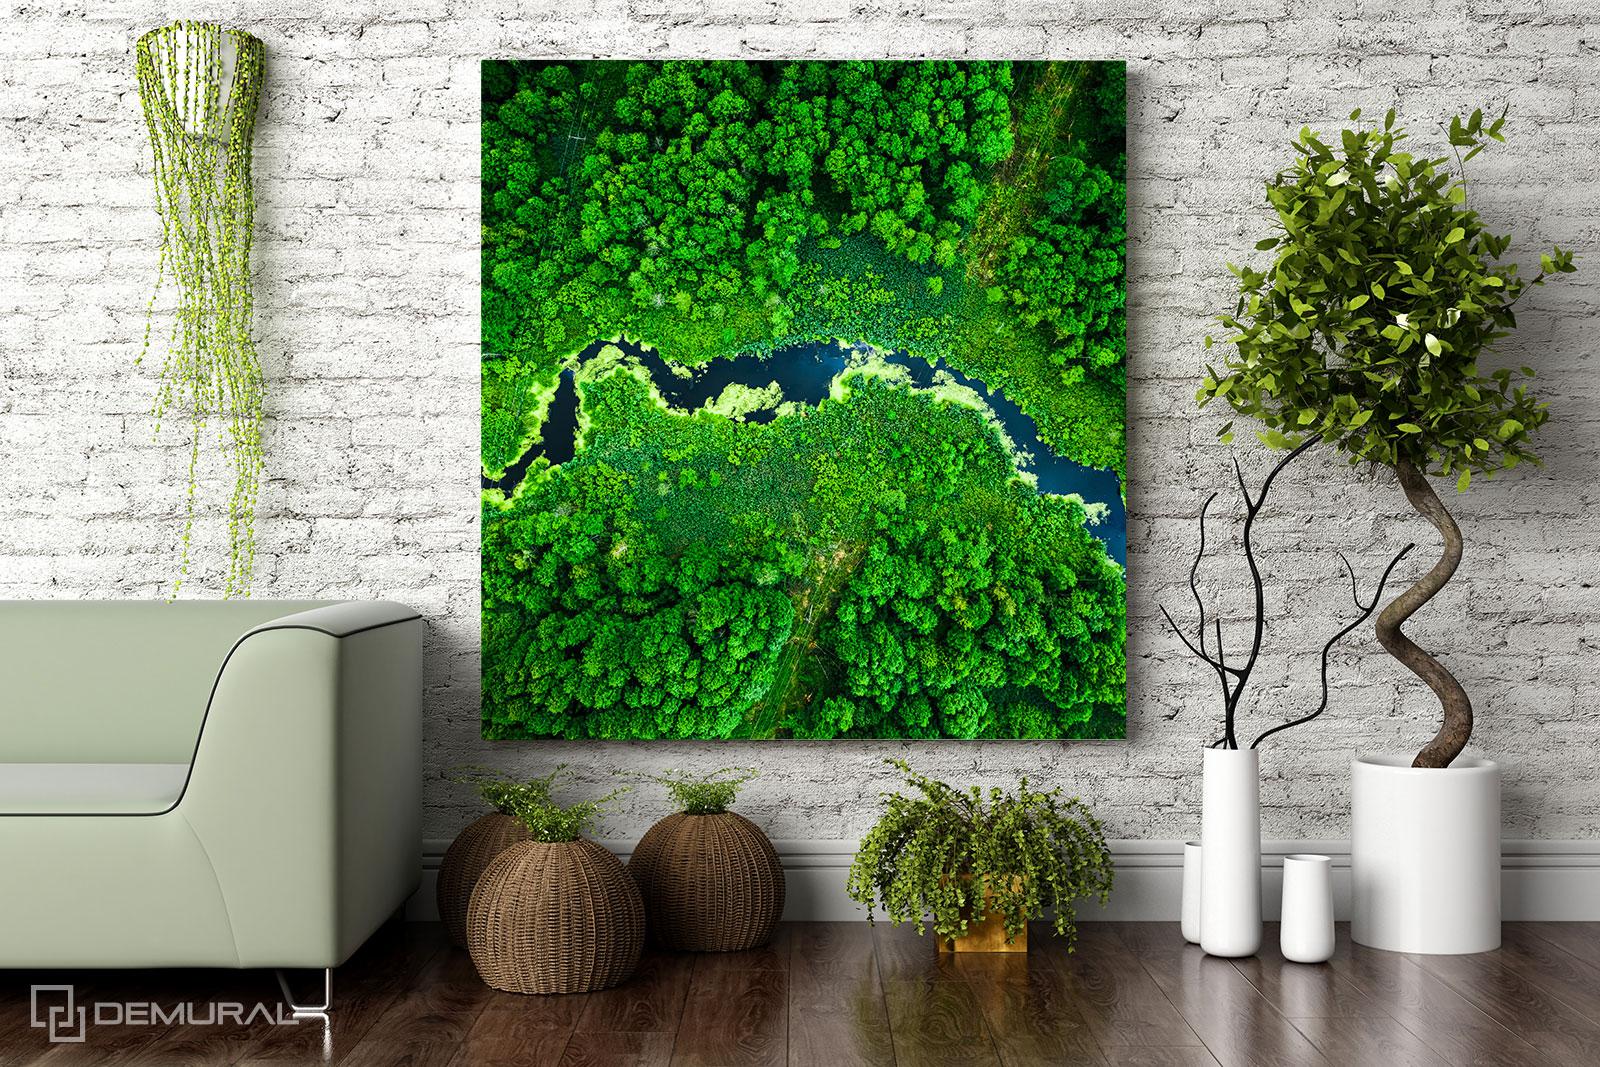 Obraz Rzeka marzeń - Fototapety i obrazy - Demural